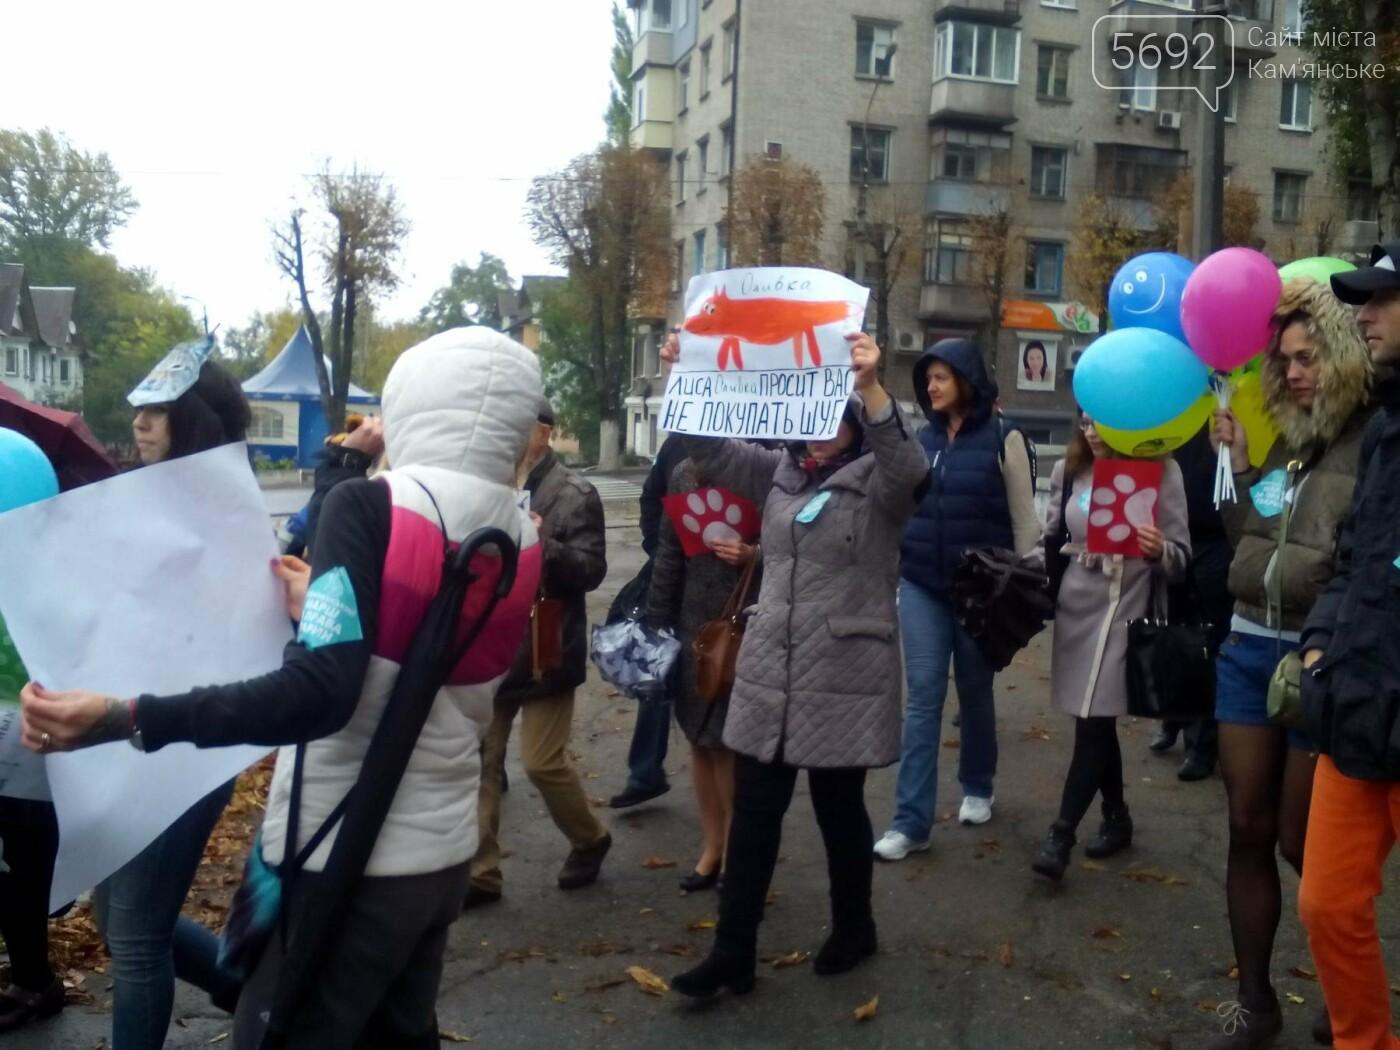 В Каменском прошел марш за права животных, фото-3